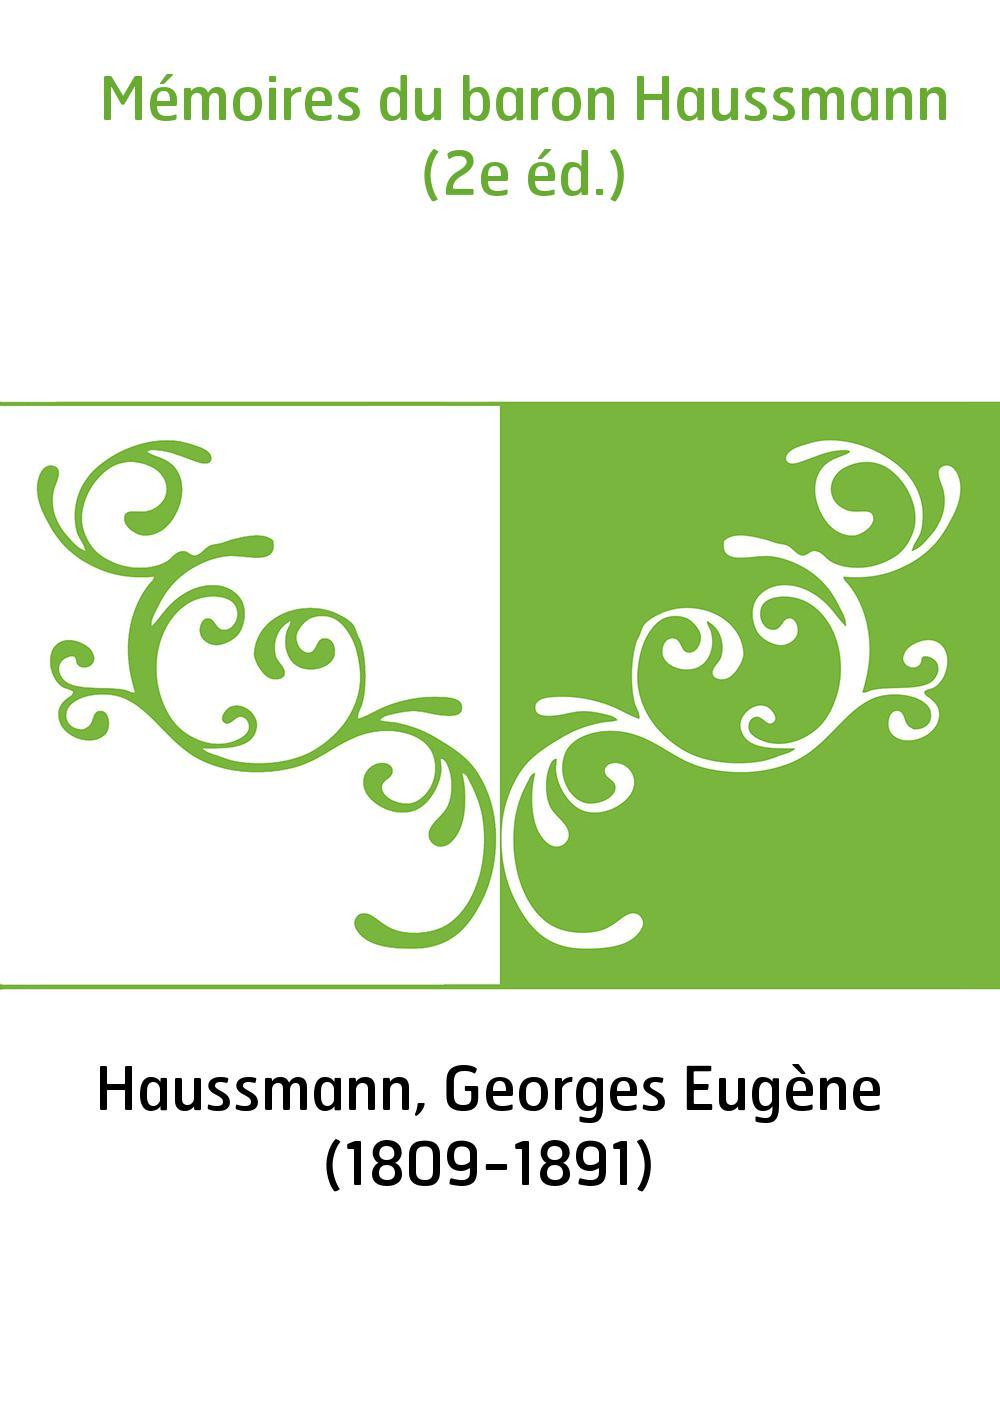 Mémoires du baron Haussmann (2e éd.)